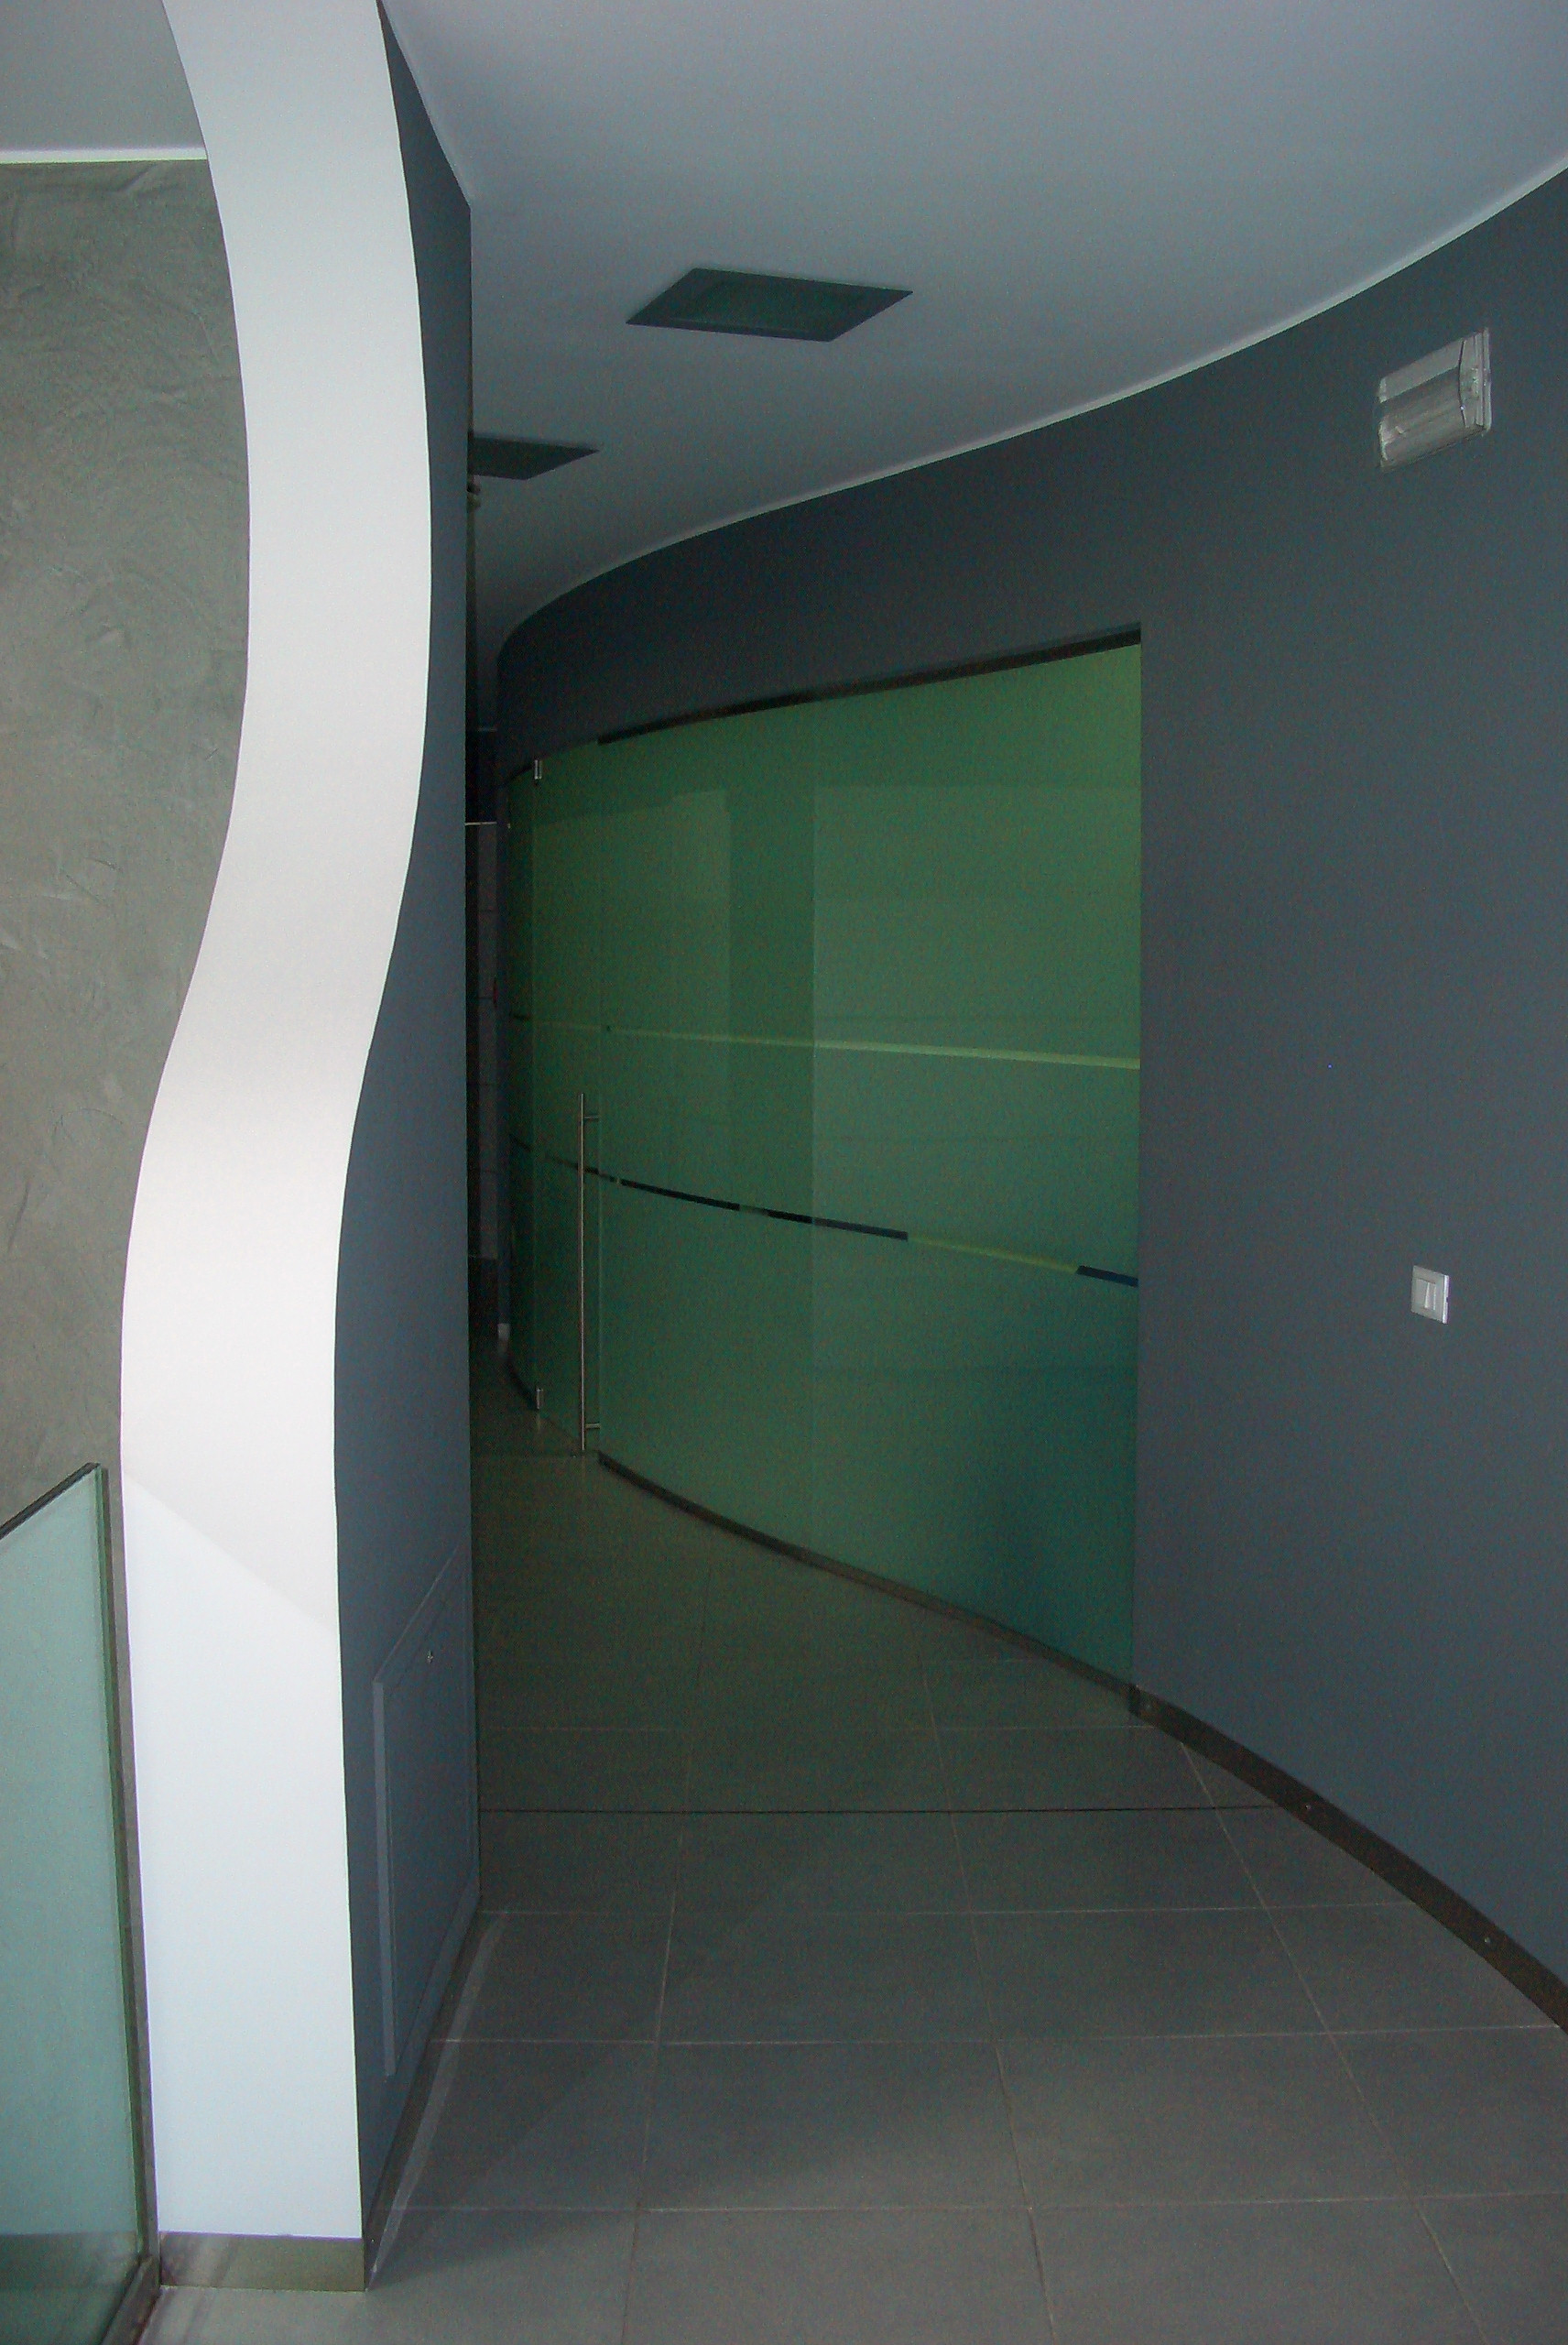 sala riunioni - accesso